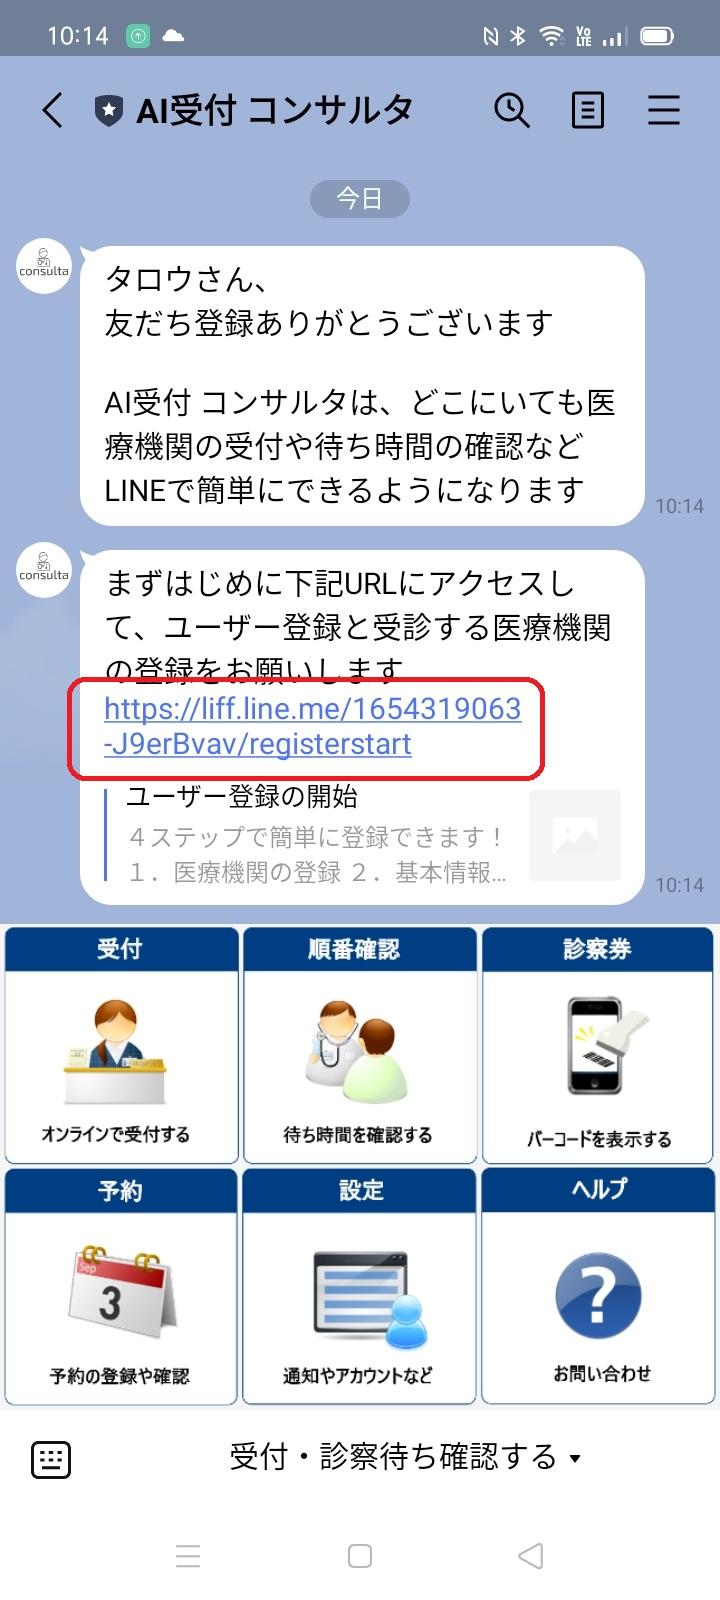 ユーザー登録 医療機関の登録1